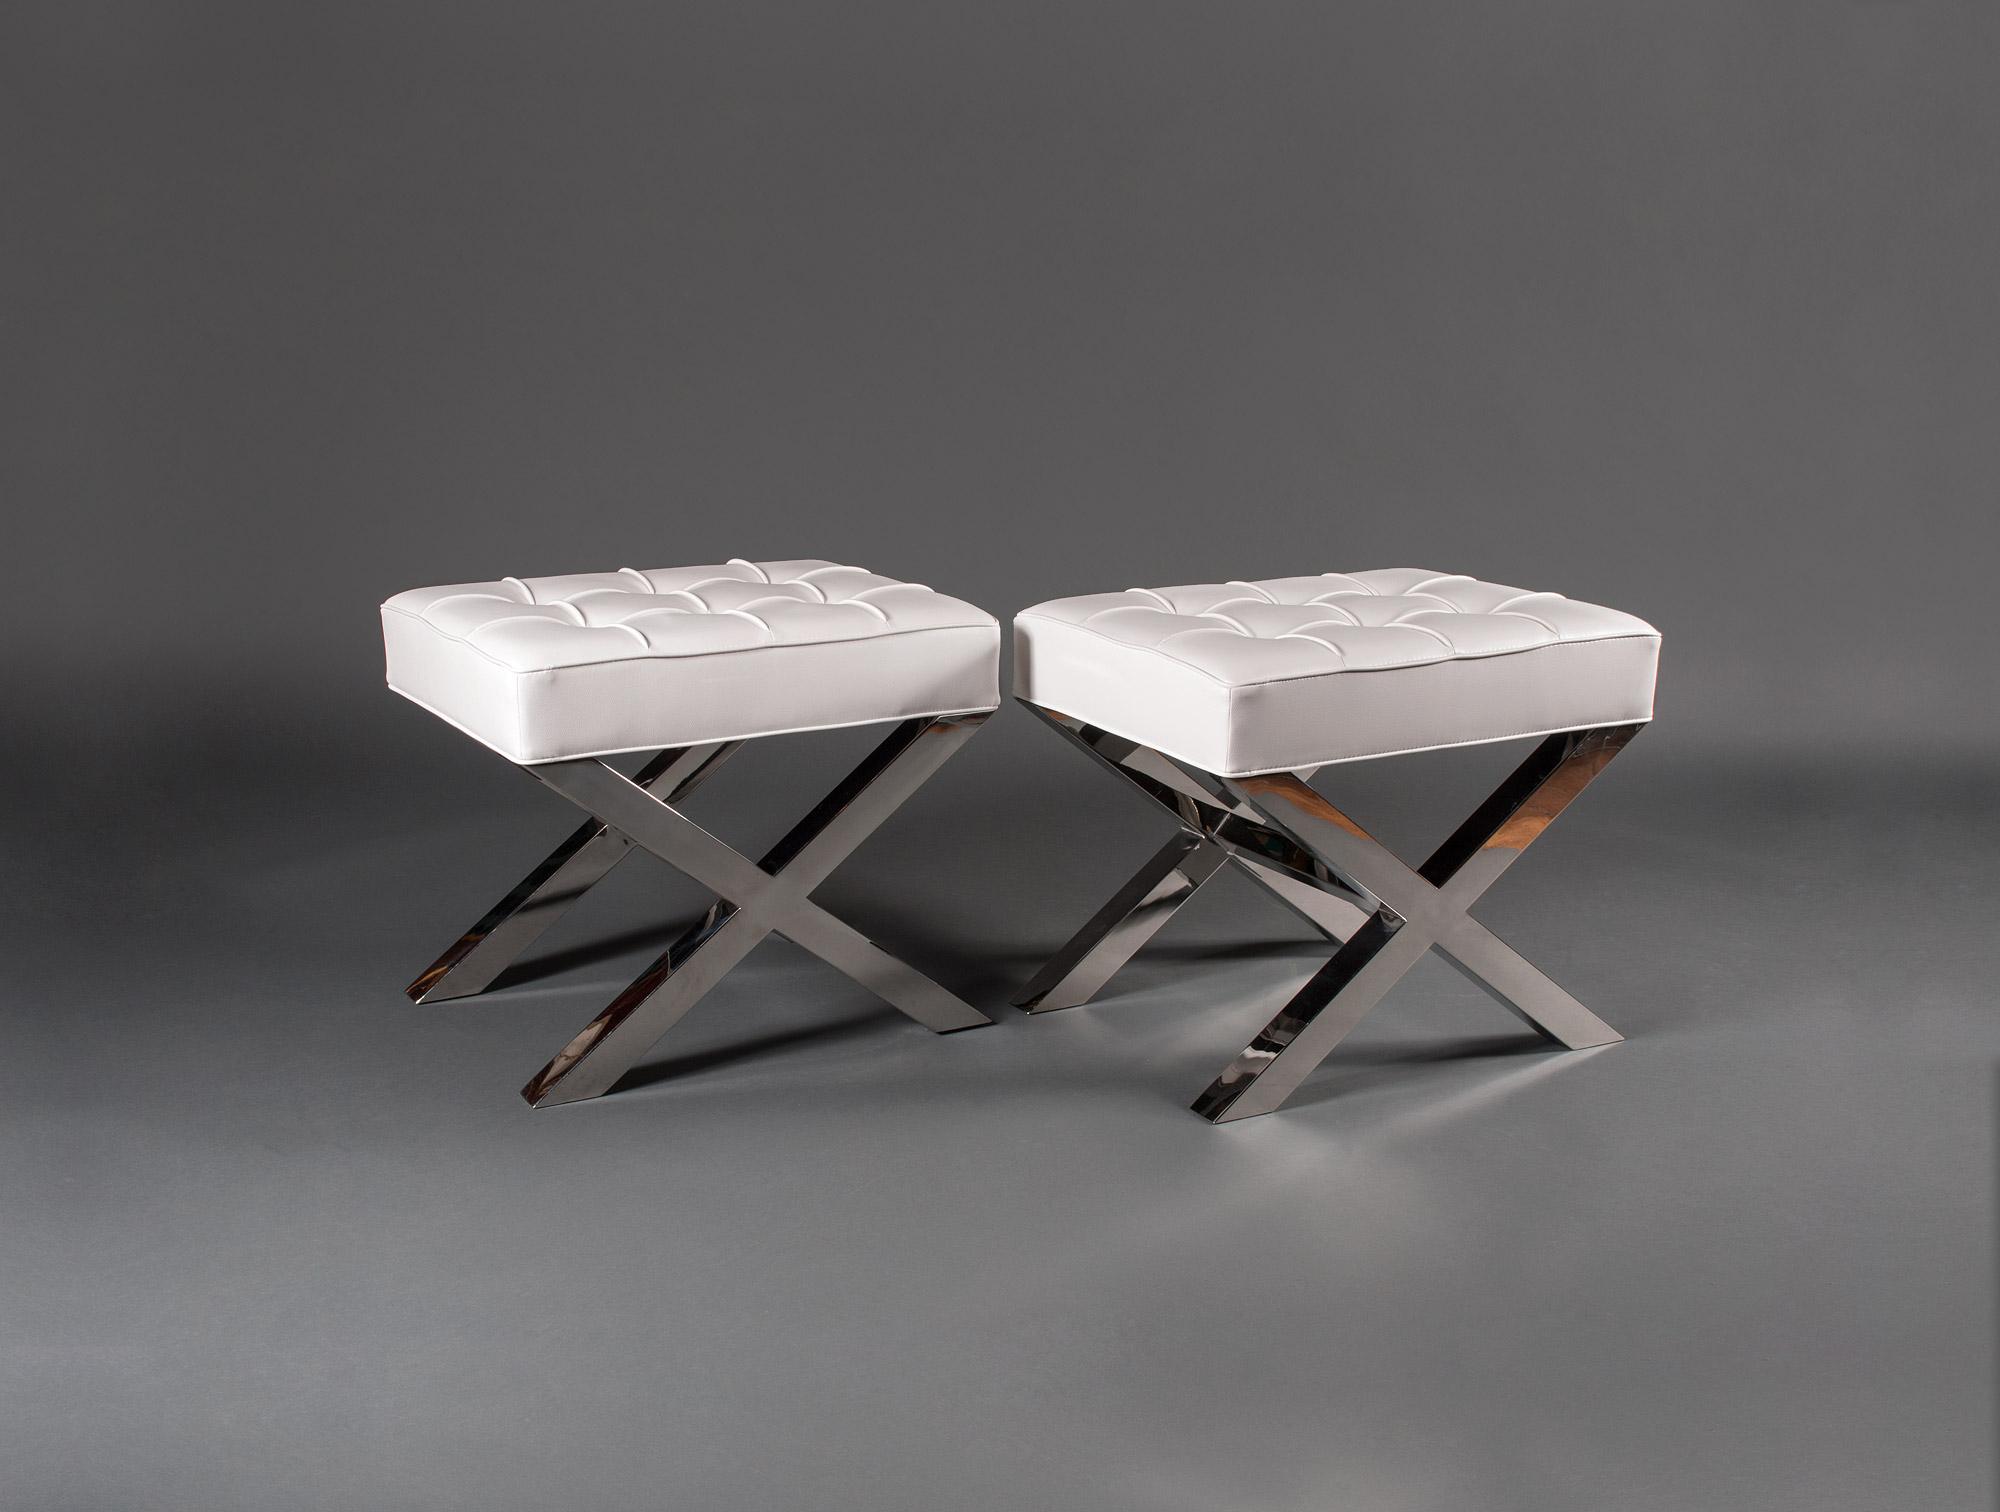 tabourets moderne soubrier louer si ges tabouret. Black Bedroom Furniture Sets. Home Design Ideas